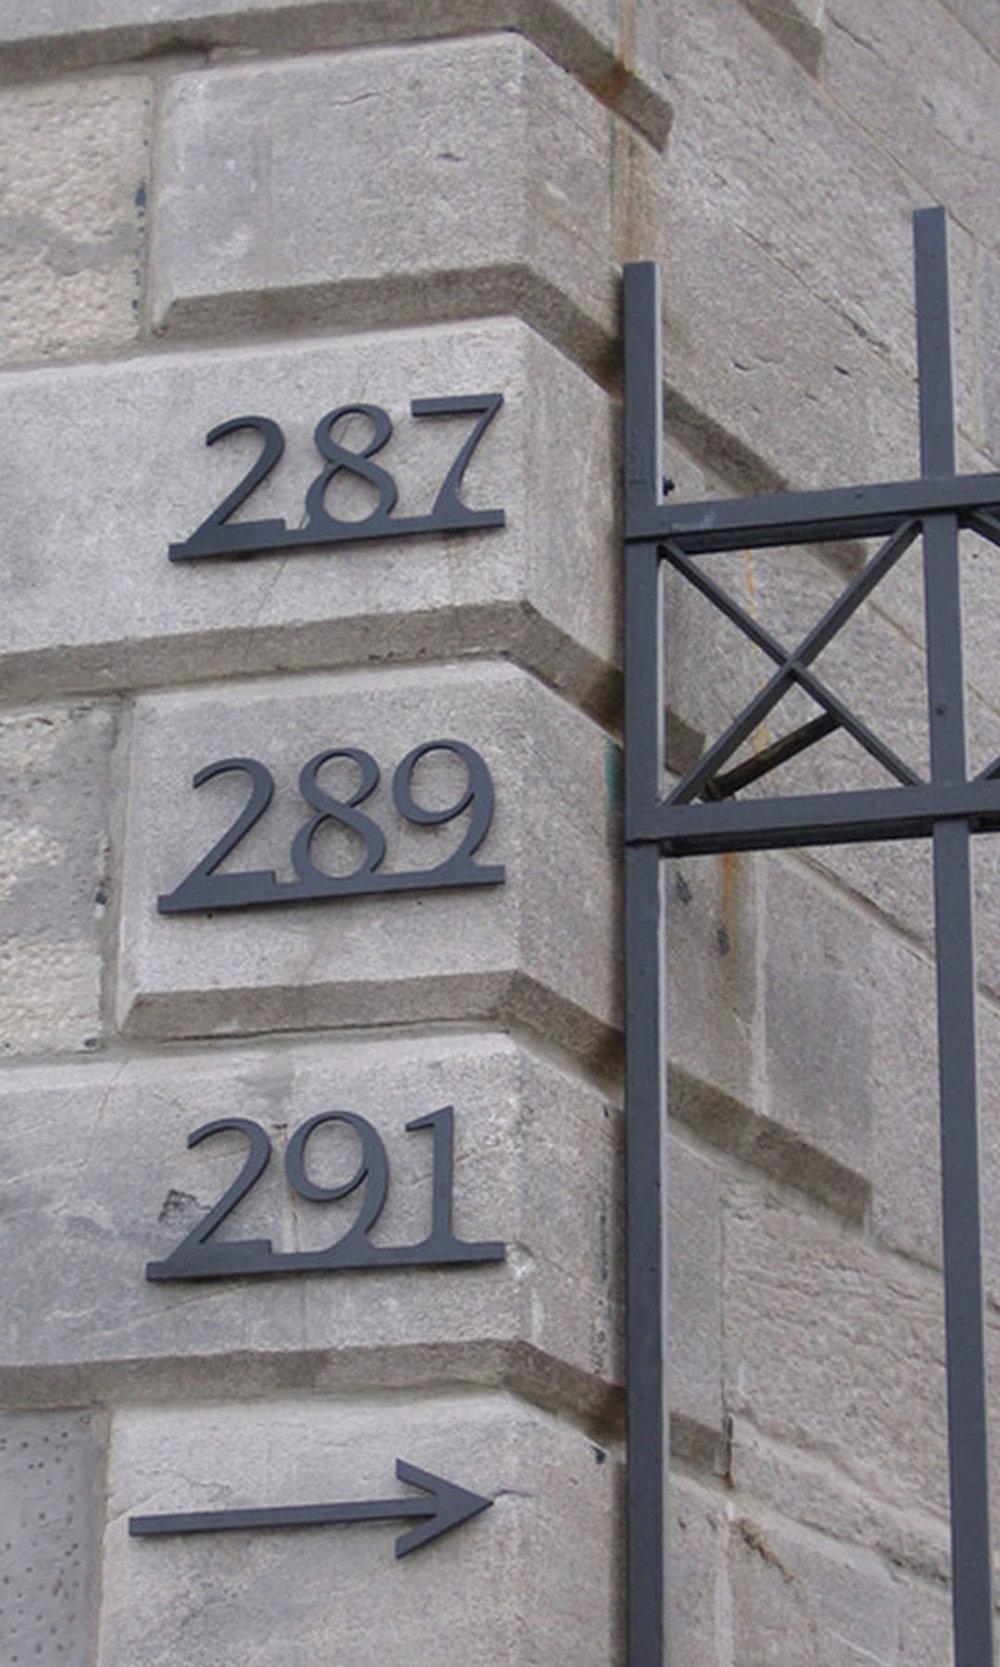 287 289 291 - Le style classique de ces adresses se marie à l'architecture de cet immeuble de copropriétés en pierre grise du Vieux Montréal.Matériau: acier inoxydableFini:émail cuit noir semi-lustréÉpaisseur: 0,25 pouceHauteur (numéros): 4 poucesHauteur (barre): 0,5 pouce